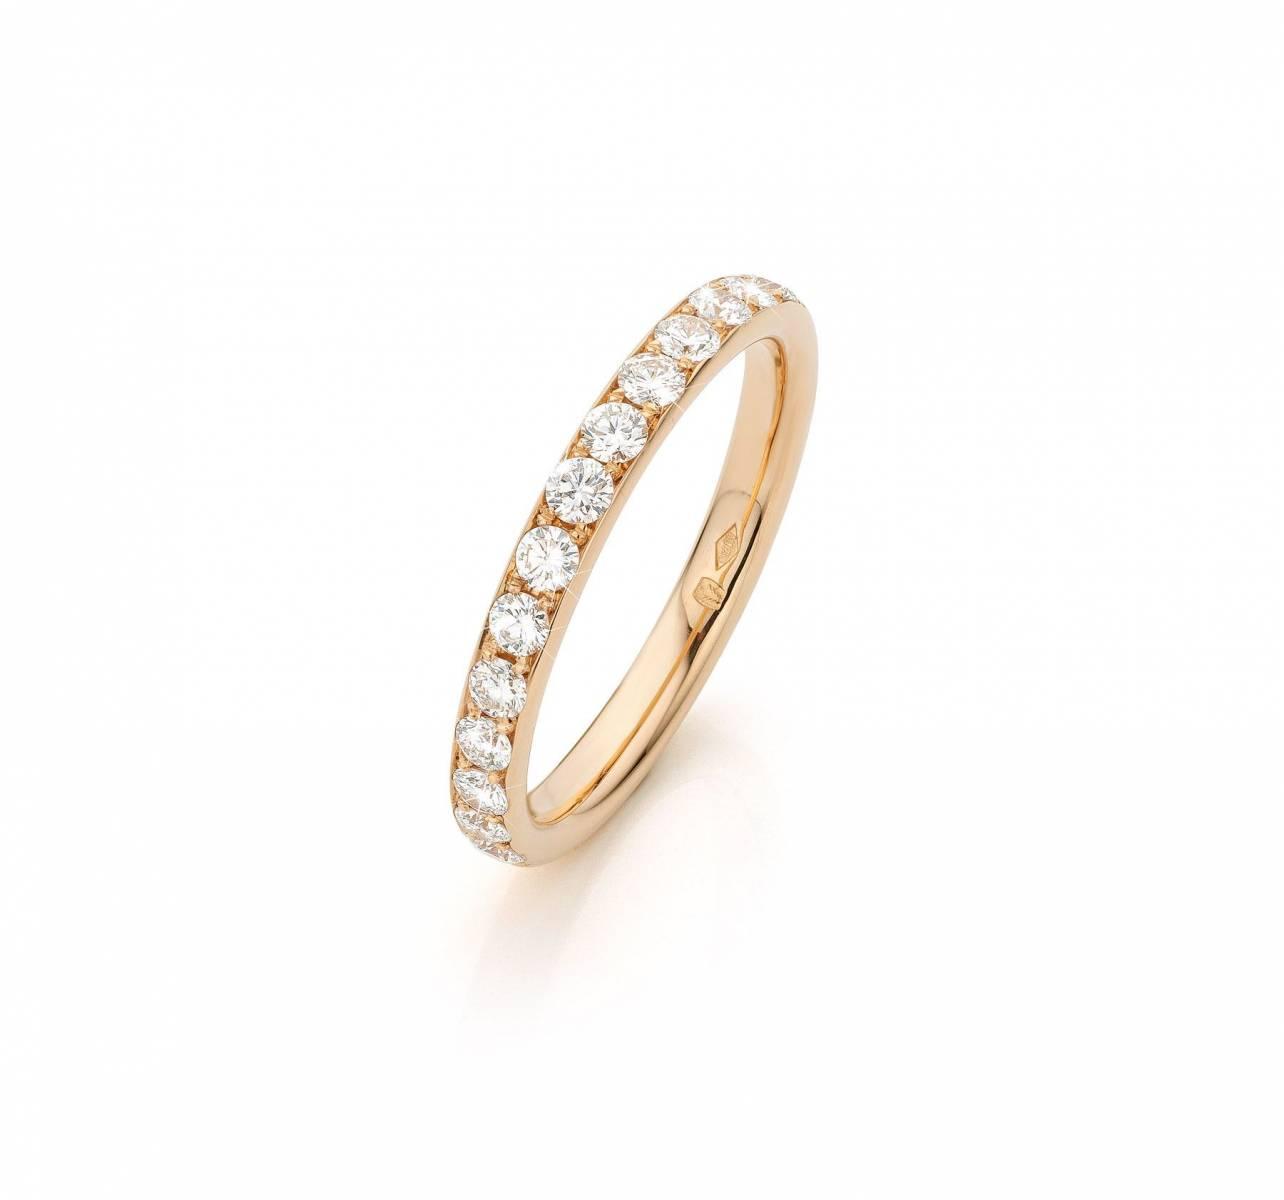 Eline Fransen - Verlovings -en trouwringen - House of Weddings - 24